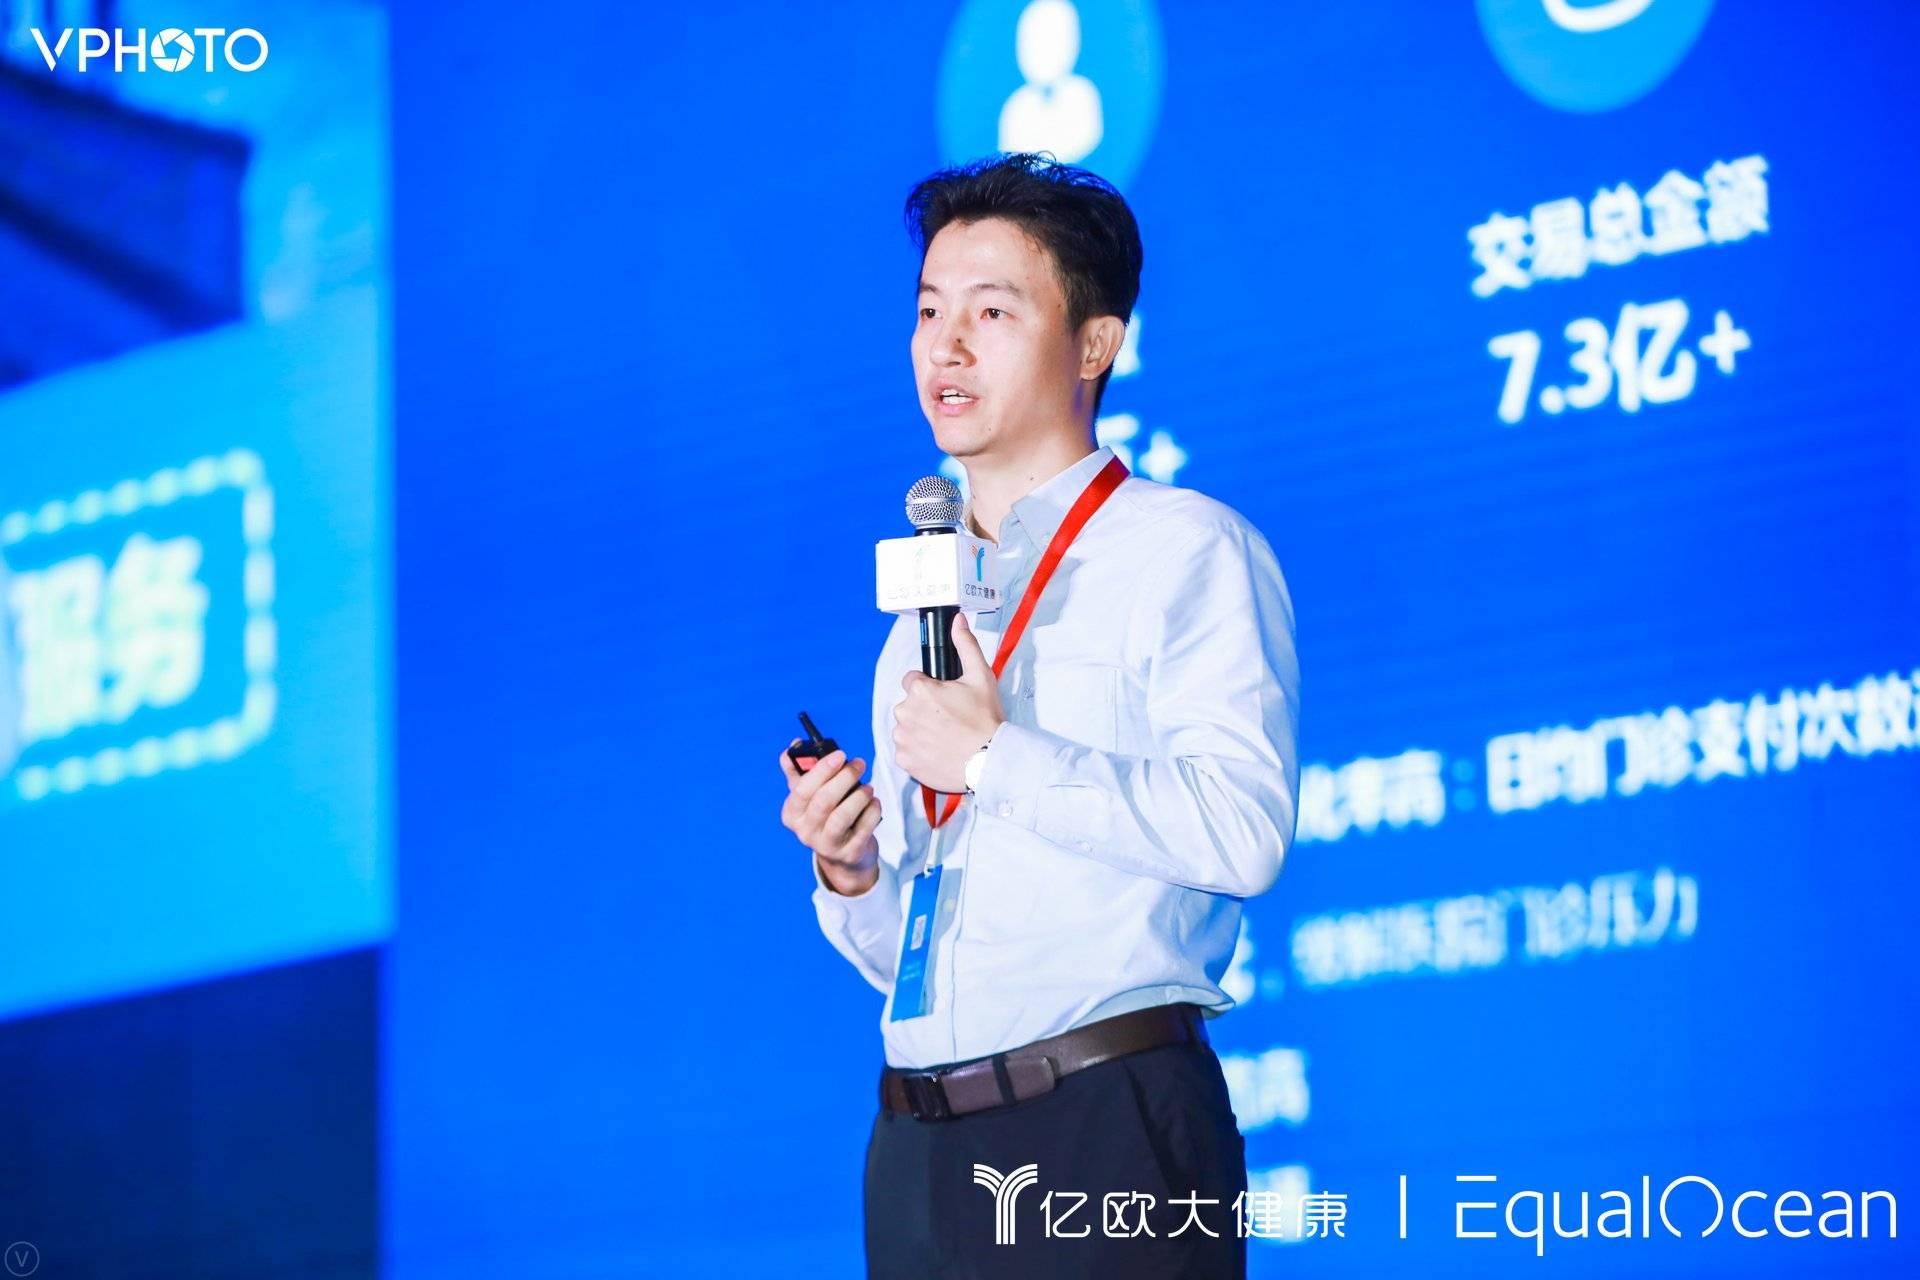 金蝶医疗CEO尹治国:互联网医疗服务如何链接医疗大数据?